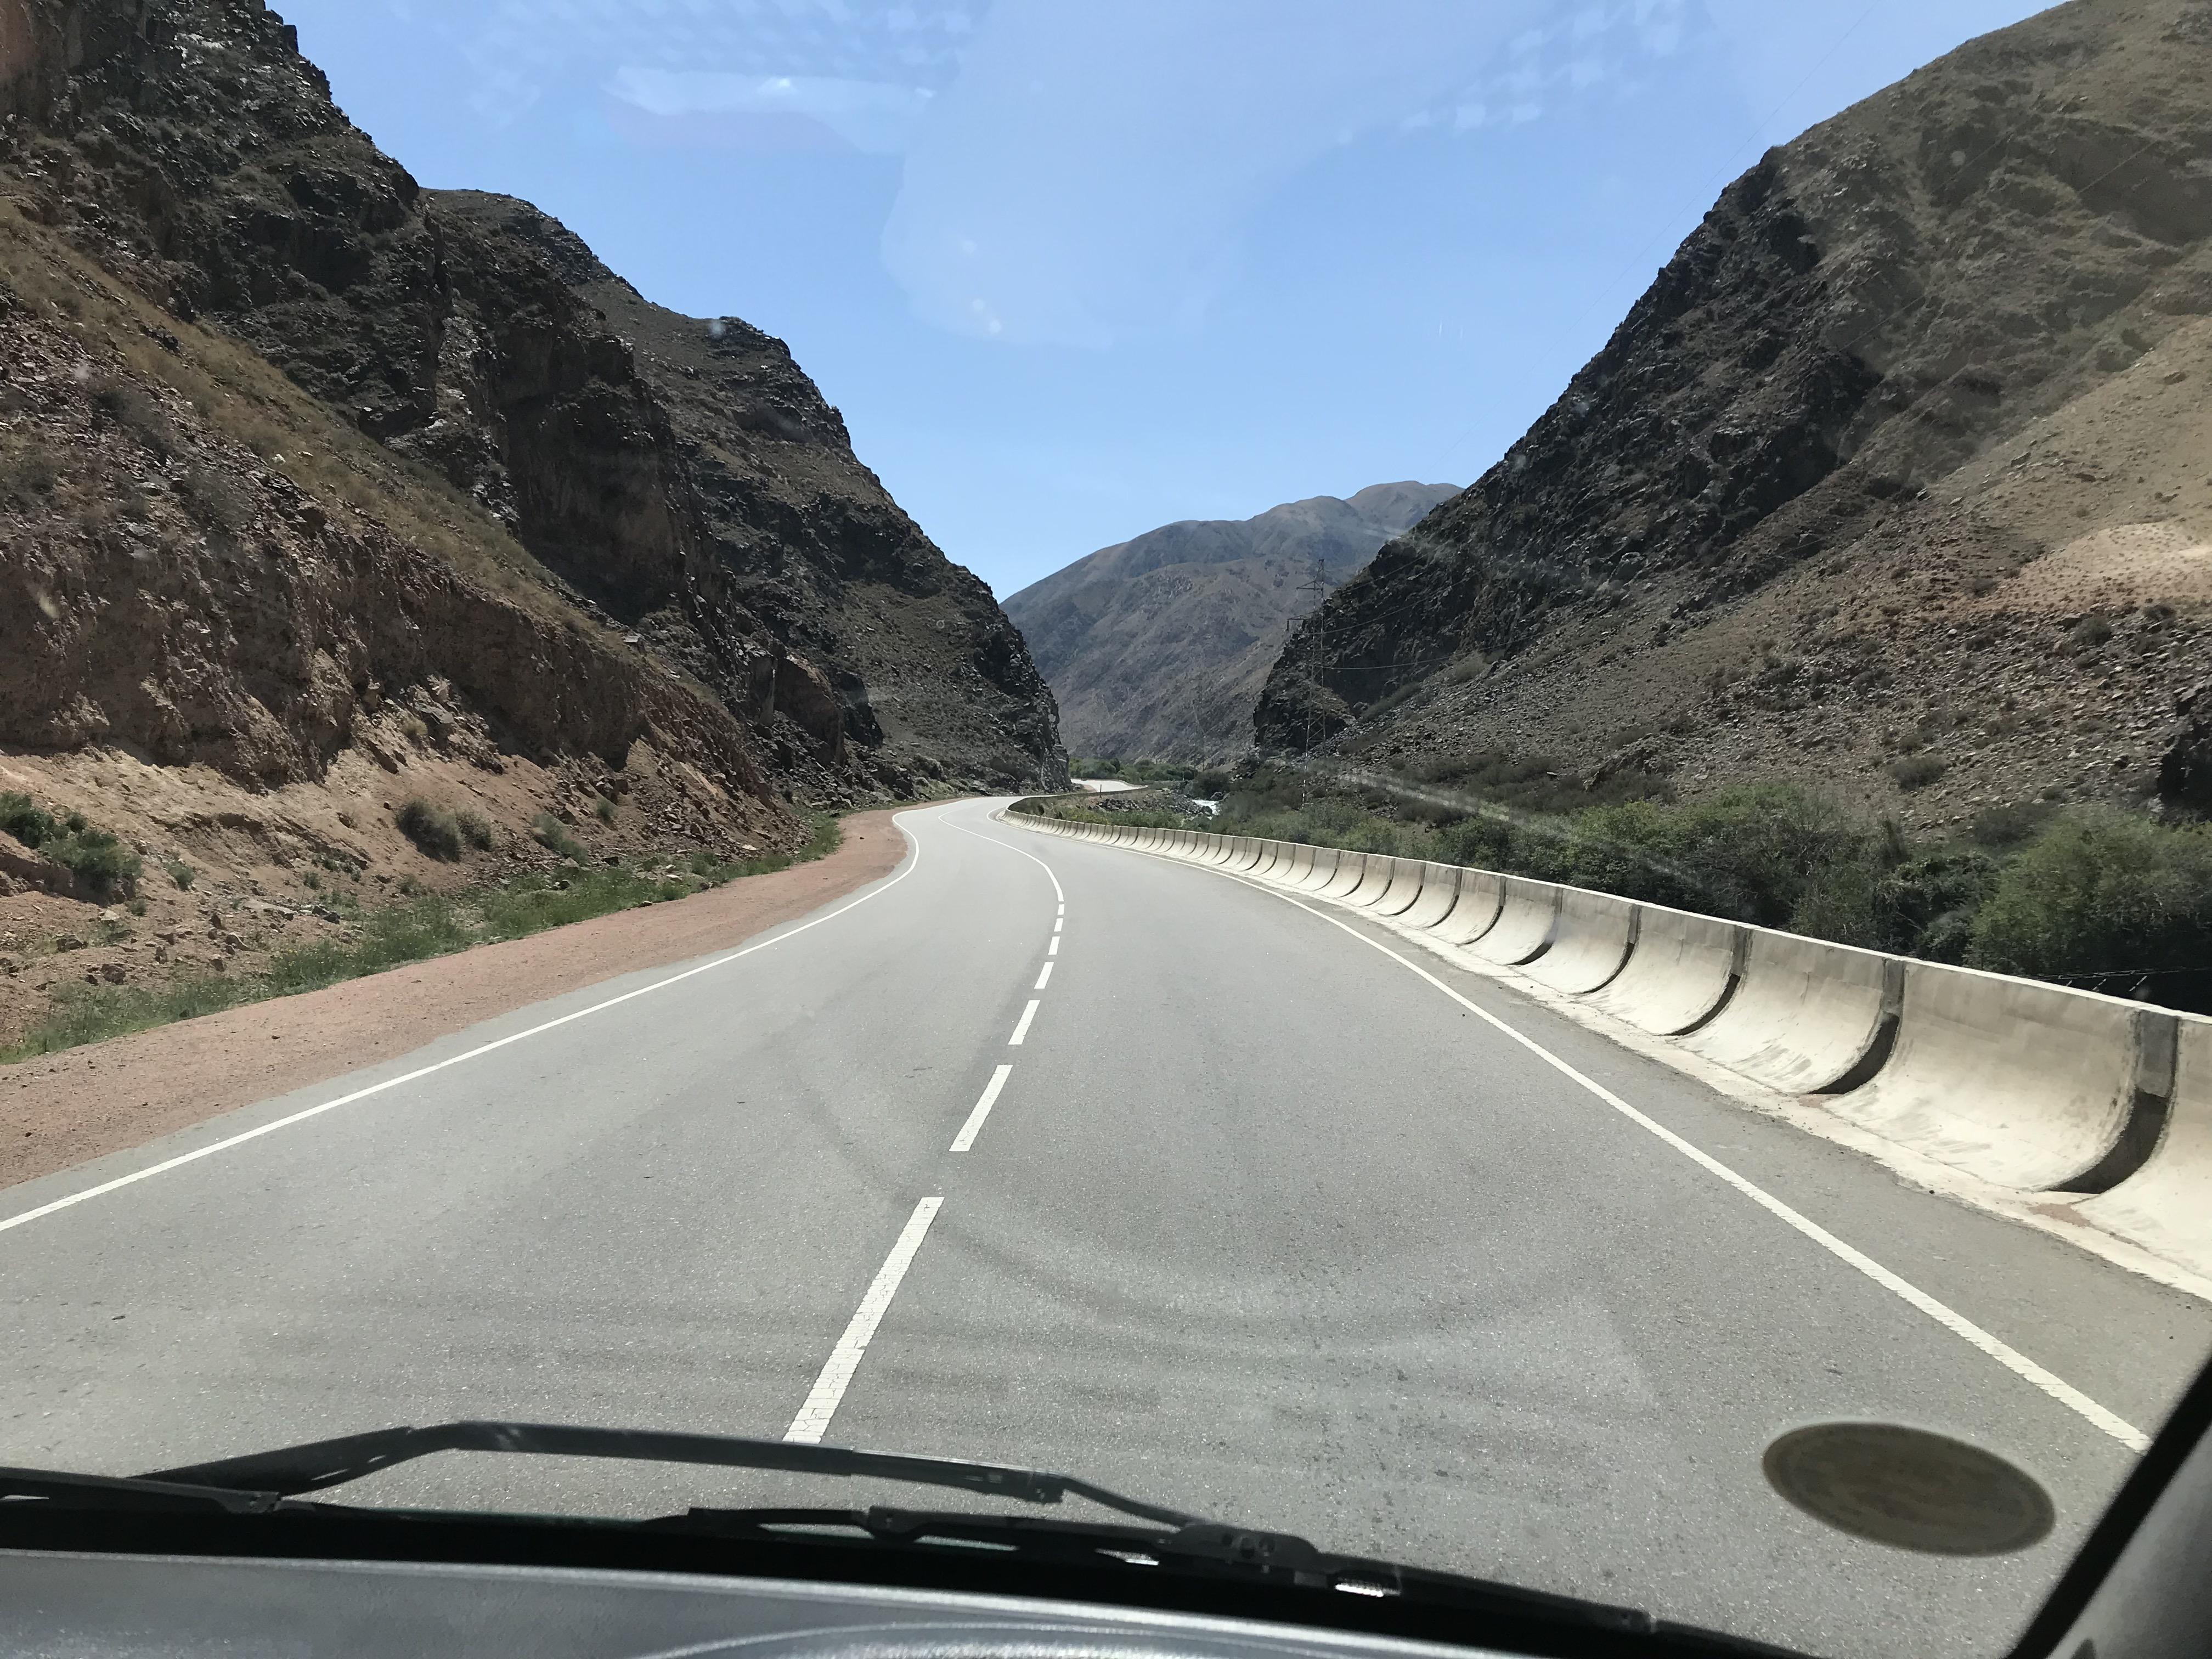 ソンクル湖への道